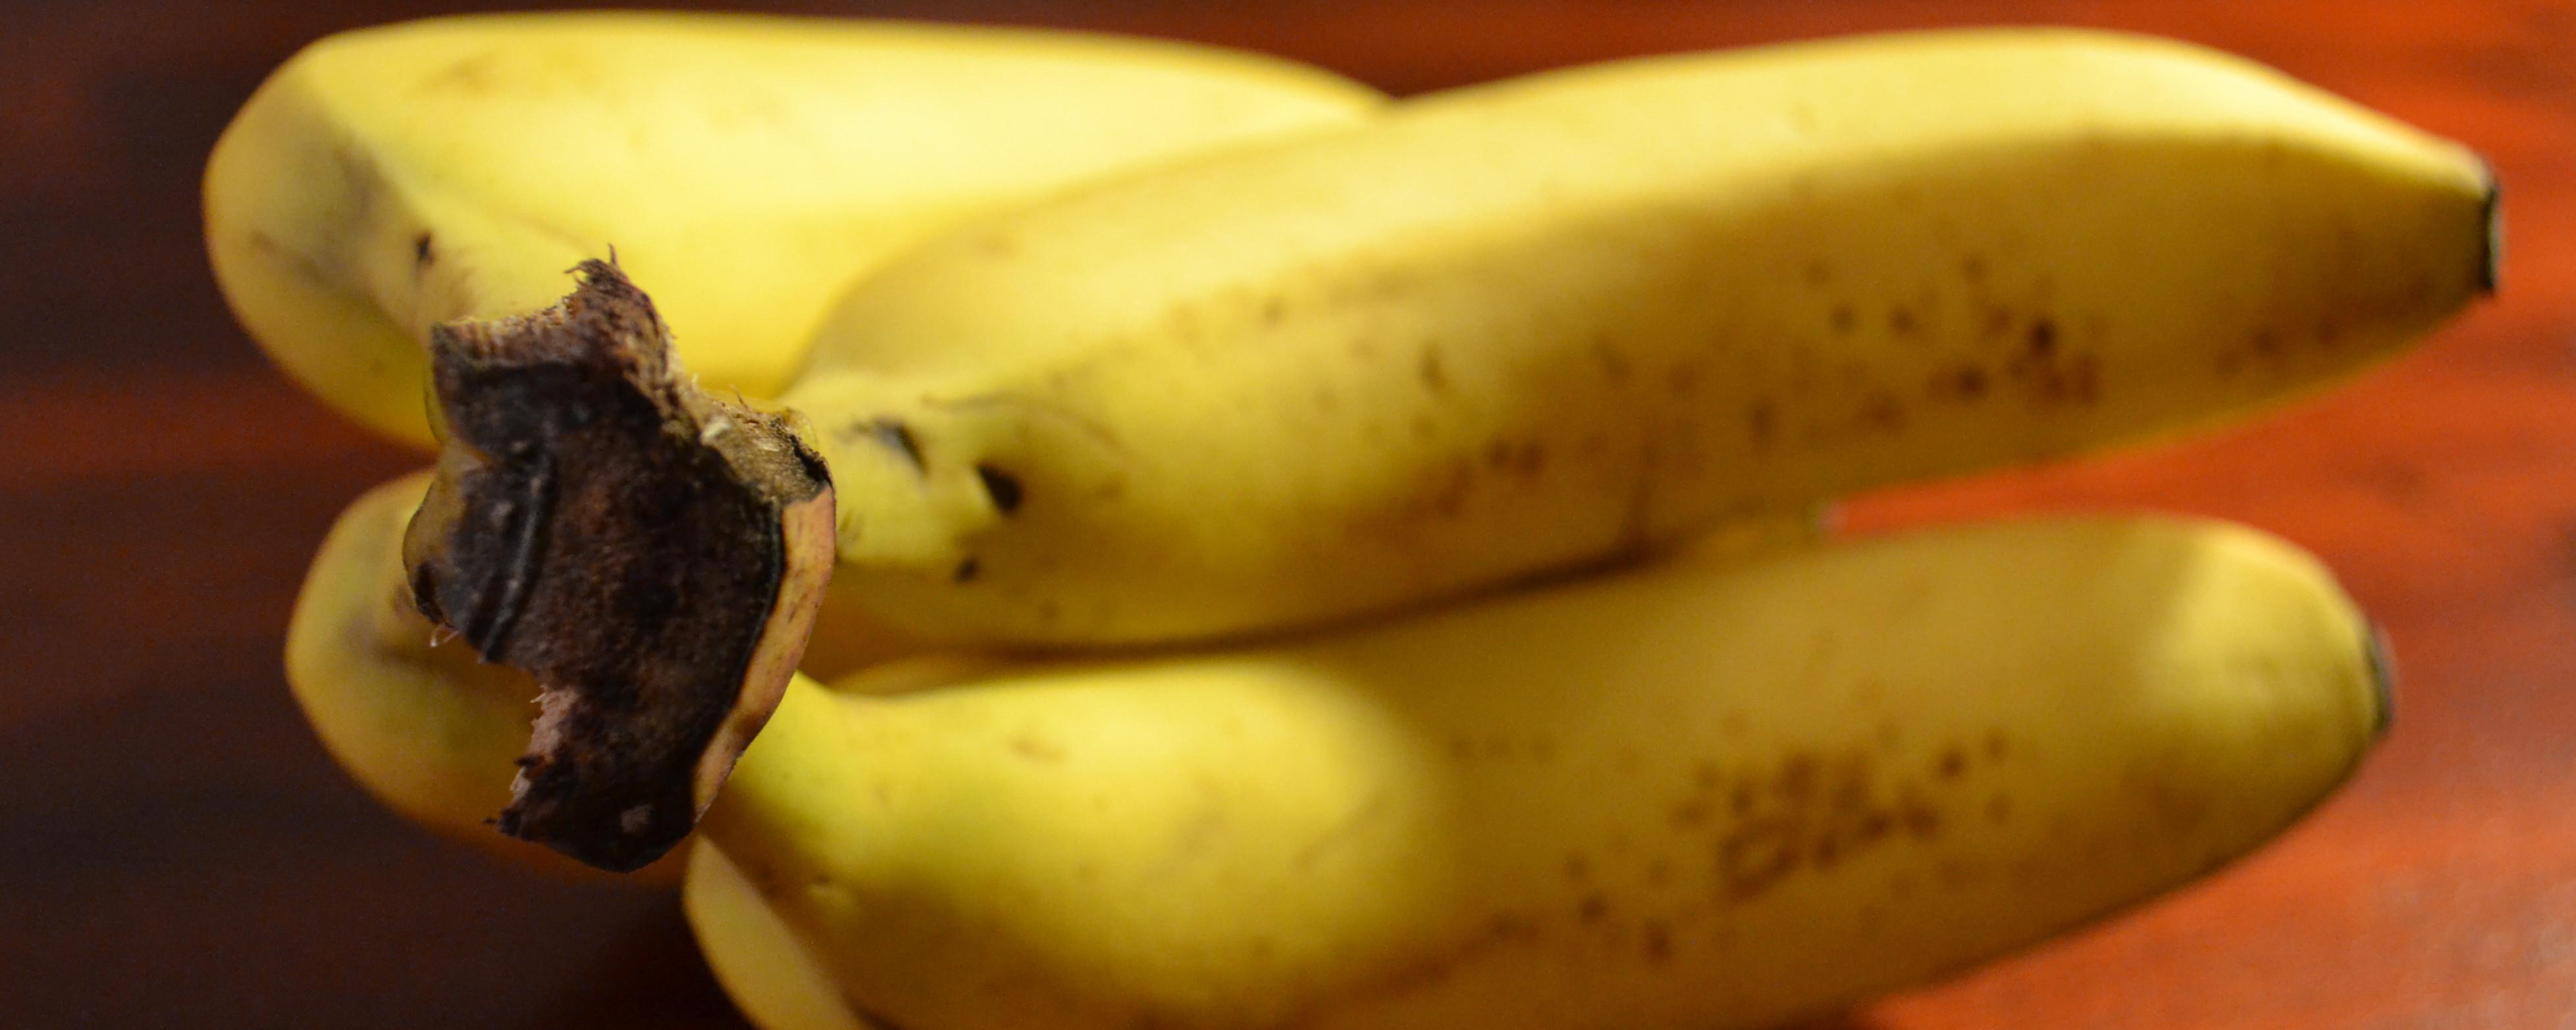 Bananen sind lecker und gesund. Sie enthalten viele Kohlenhydrate.